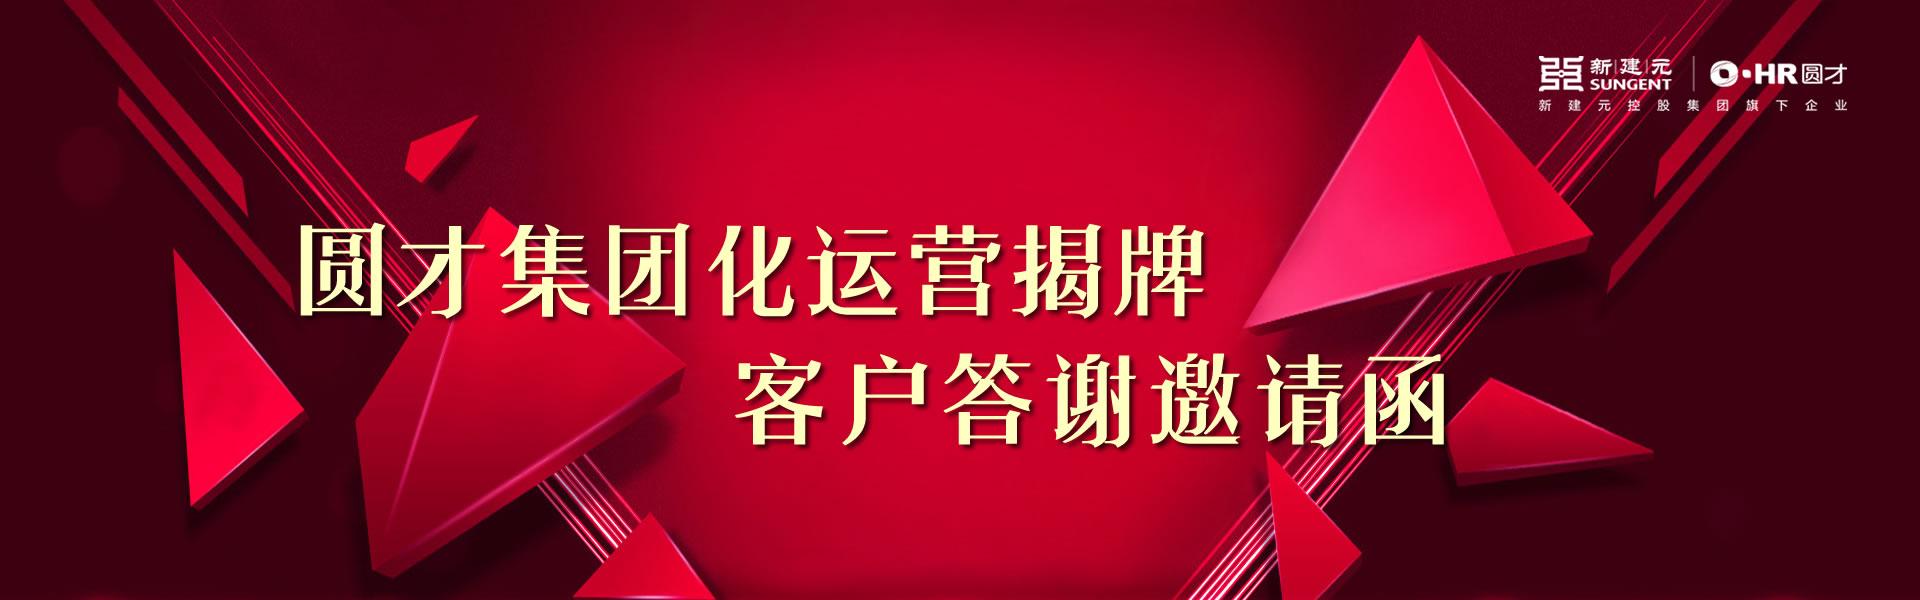 圆才集团化运营揭牌客户答谢邀请函图片